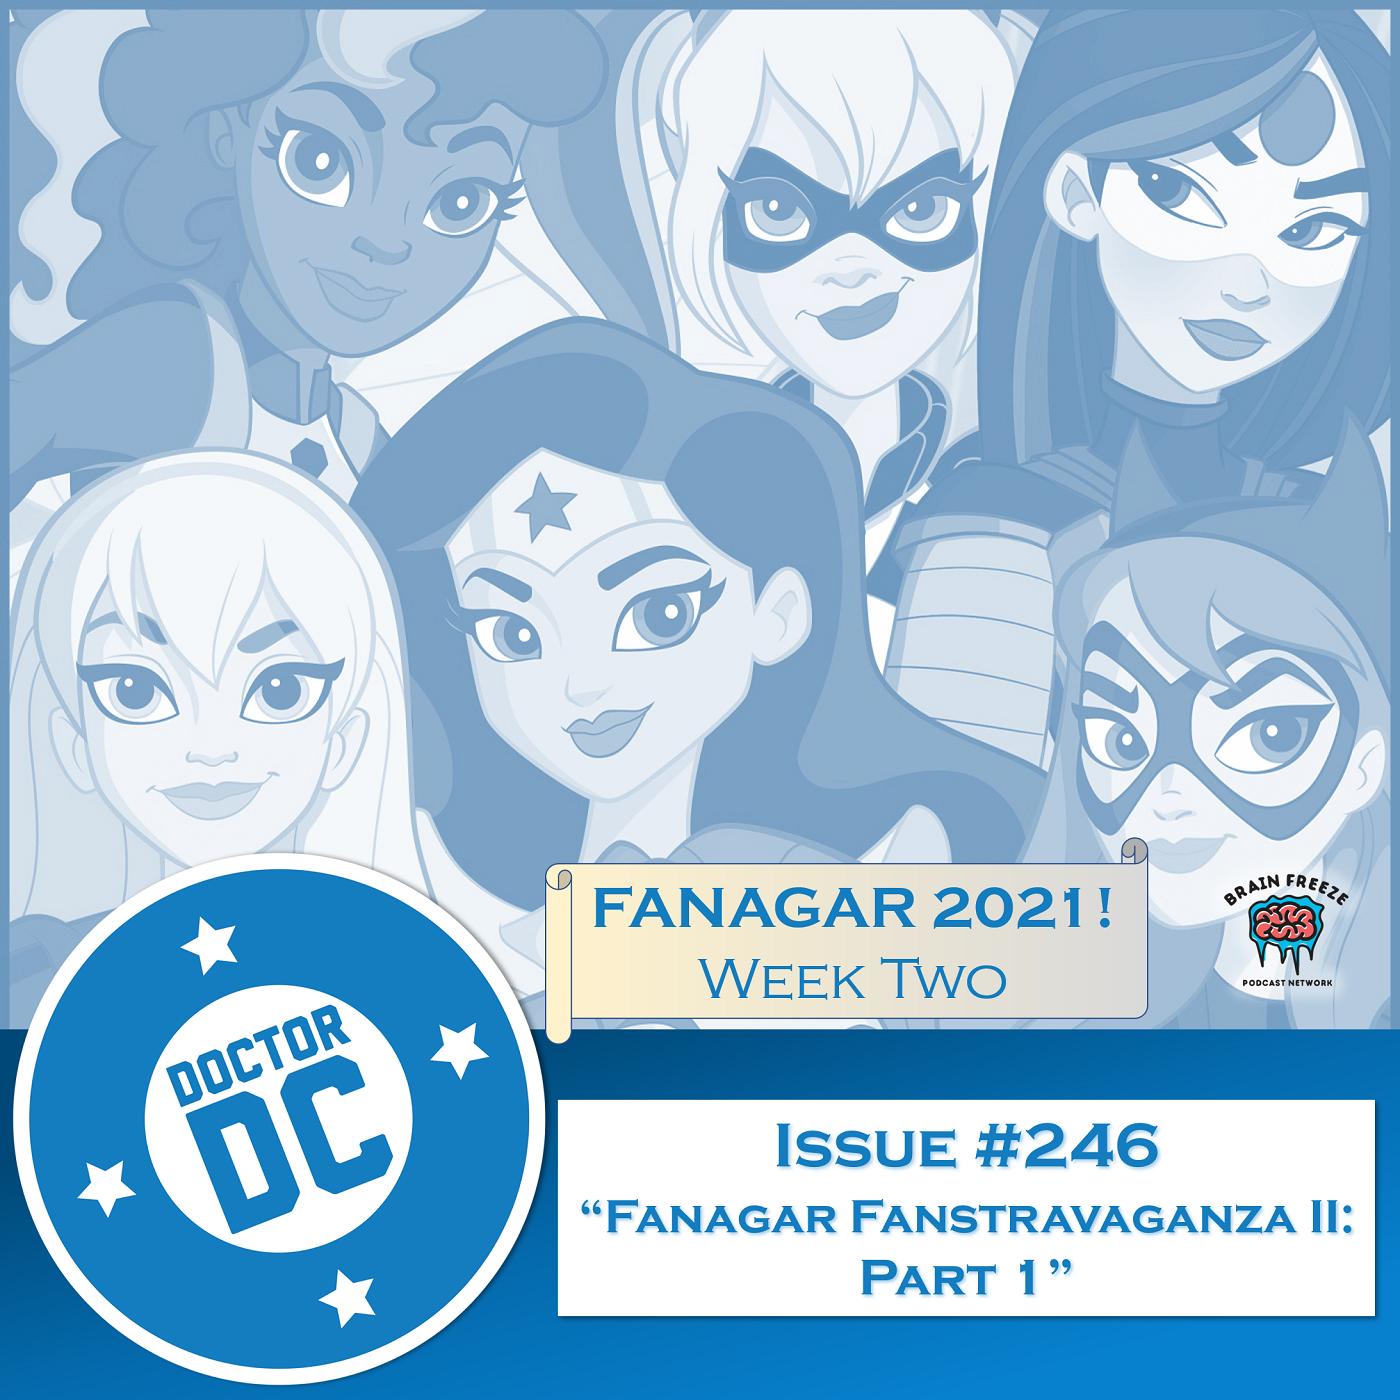 """Issue #246 - """"Fanagar Fanstravaganza II: Part 1"""" show art"""